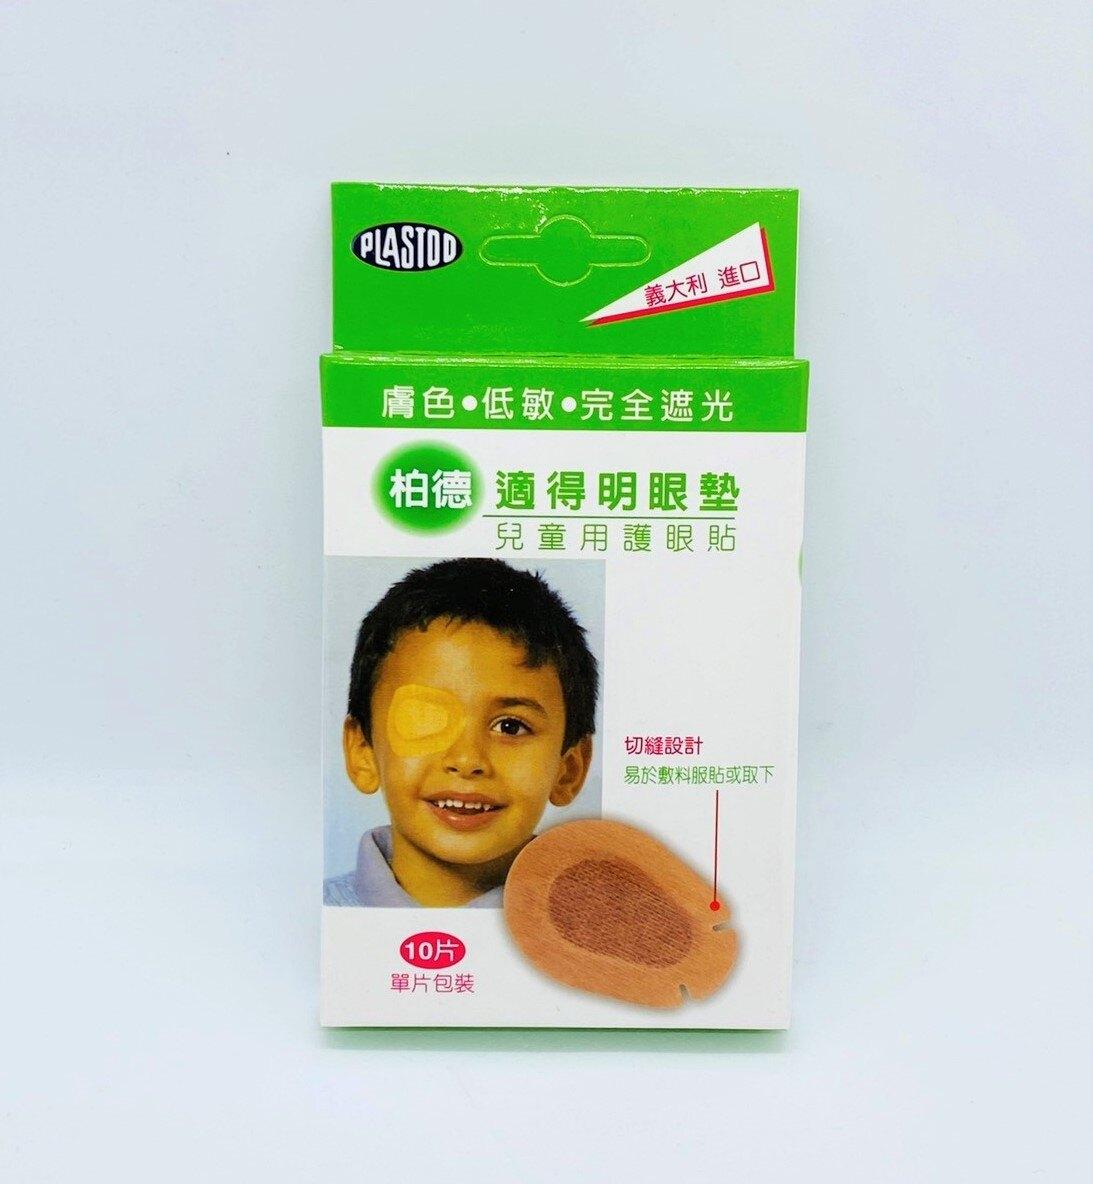 伯德 適得明眼墊 兒童用護眼貼10片/盒039220